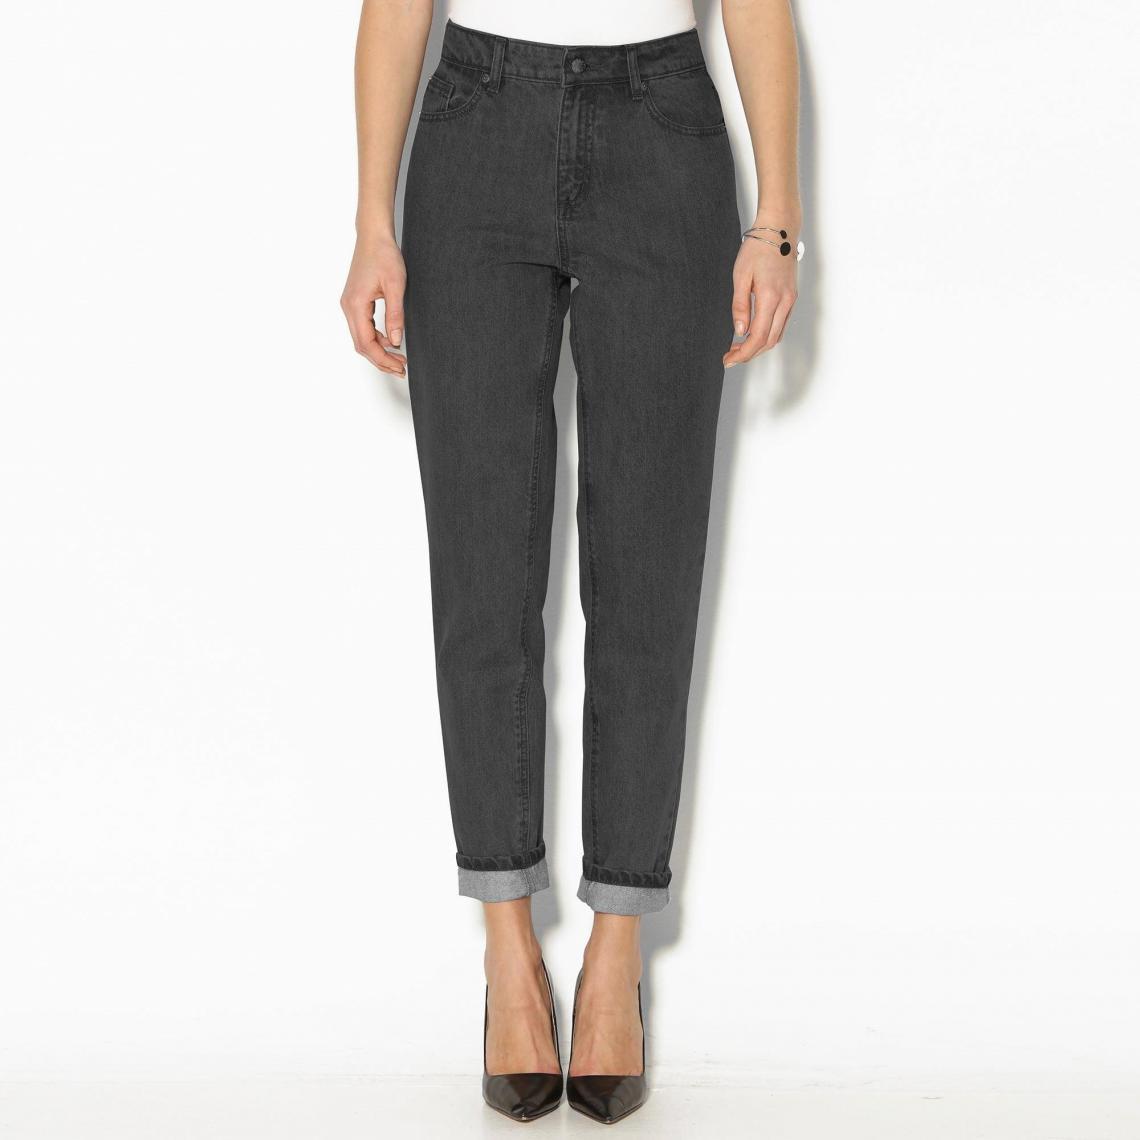 ad72e1b58abc Jean boyfriend 5 poches taille haute femme - gris foncé